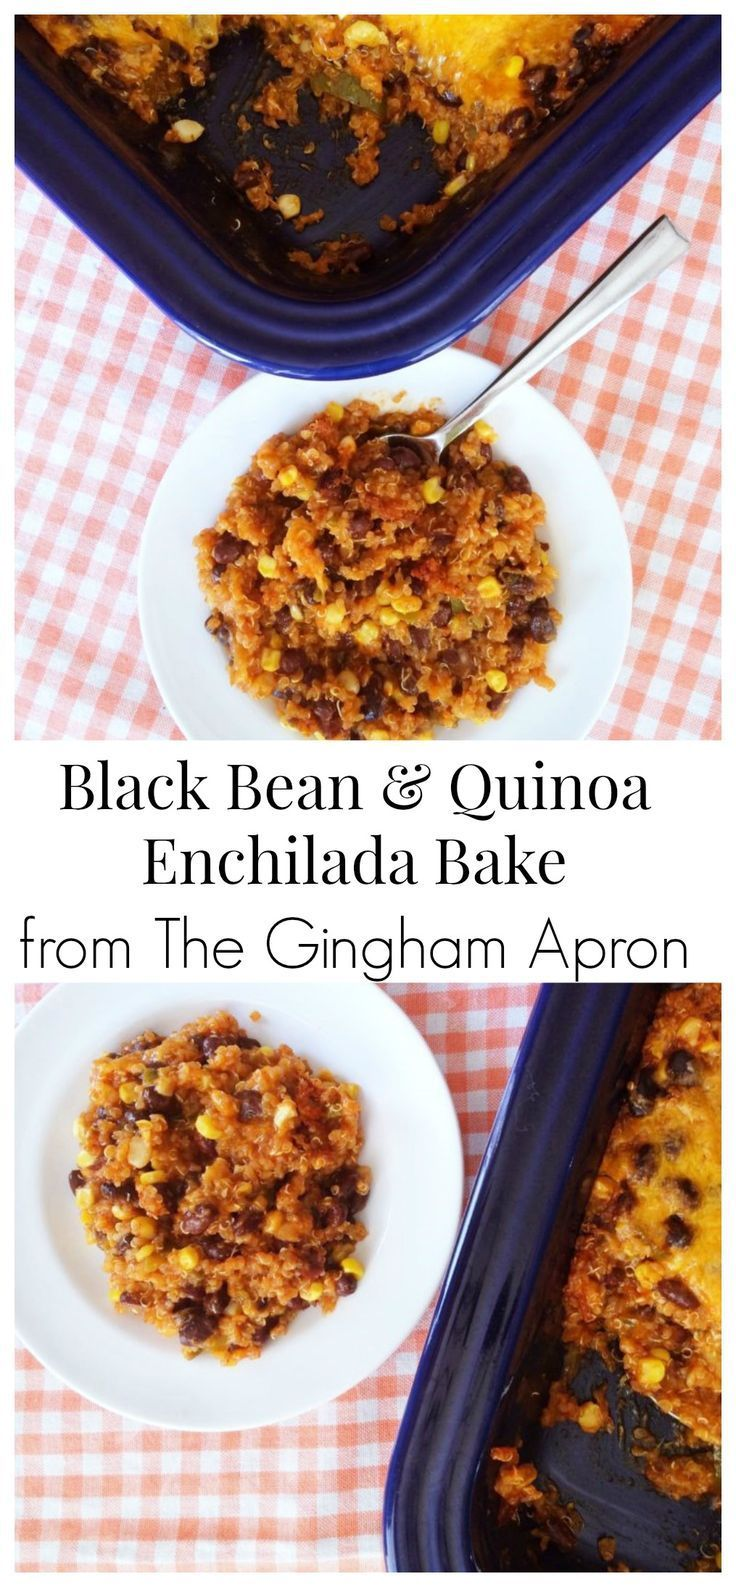 Black Bean & Quinoa Enchilada Bake- hearty, healthy, and so delicious!